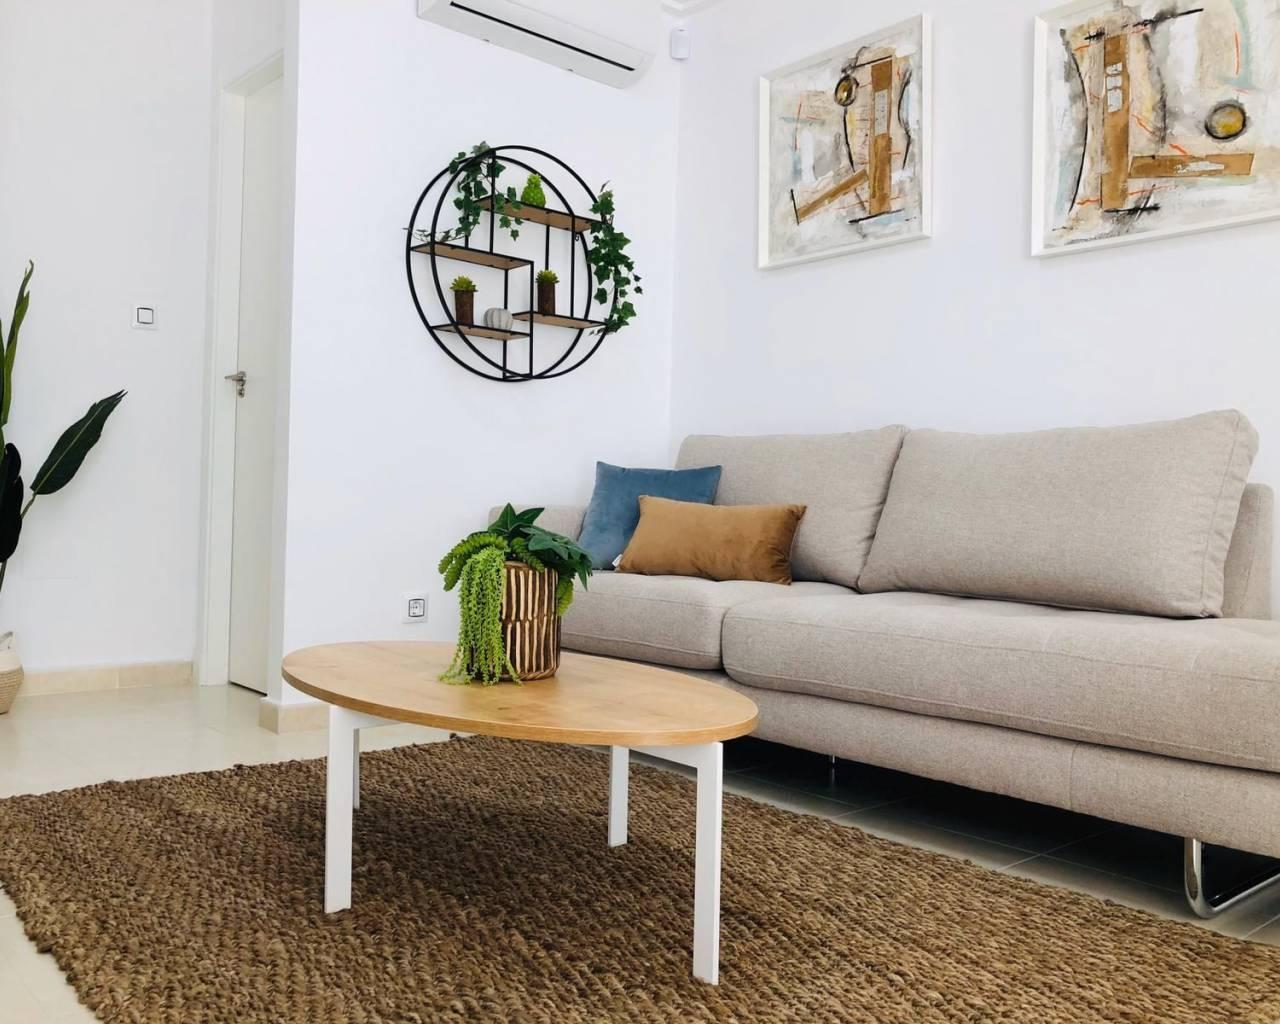 nieuwbouw-geschakelde-woning-duplex-torrevieja-los-balcones_5350_xl